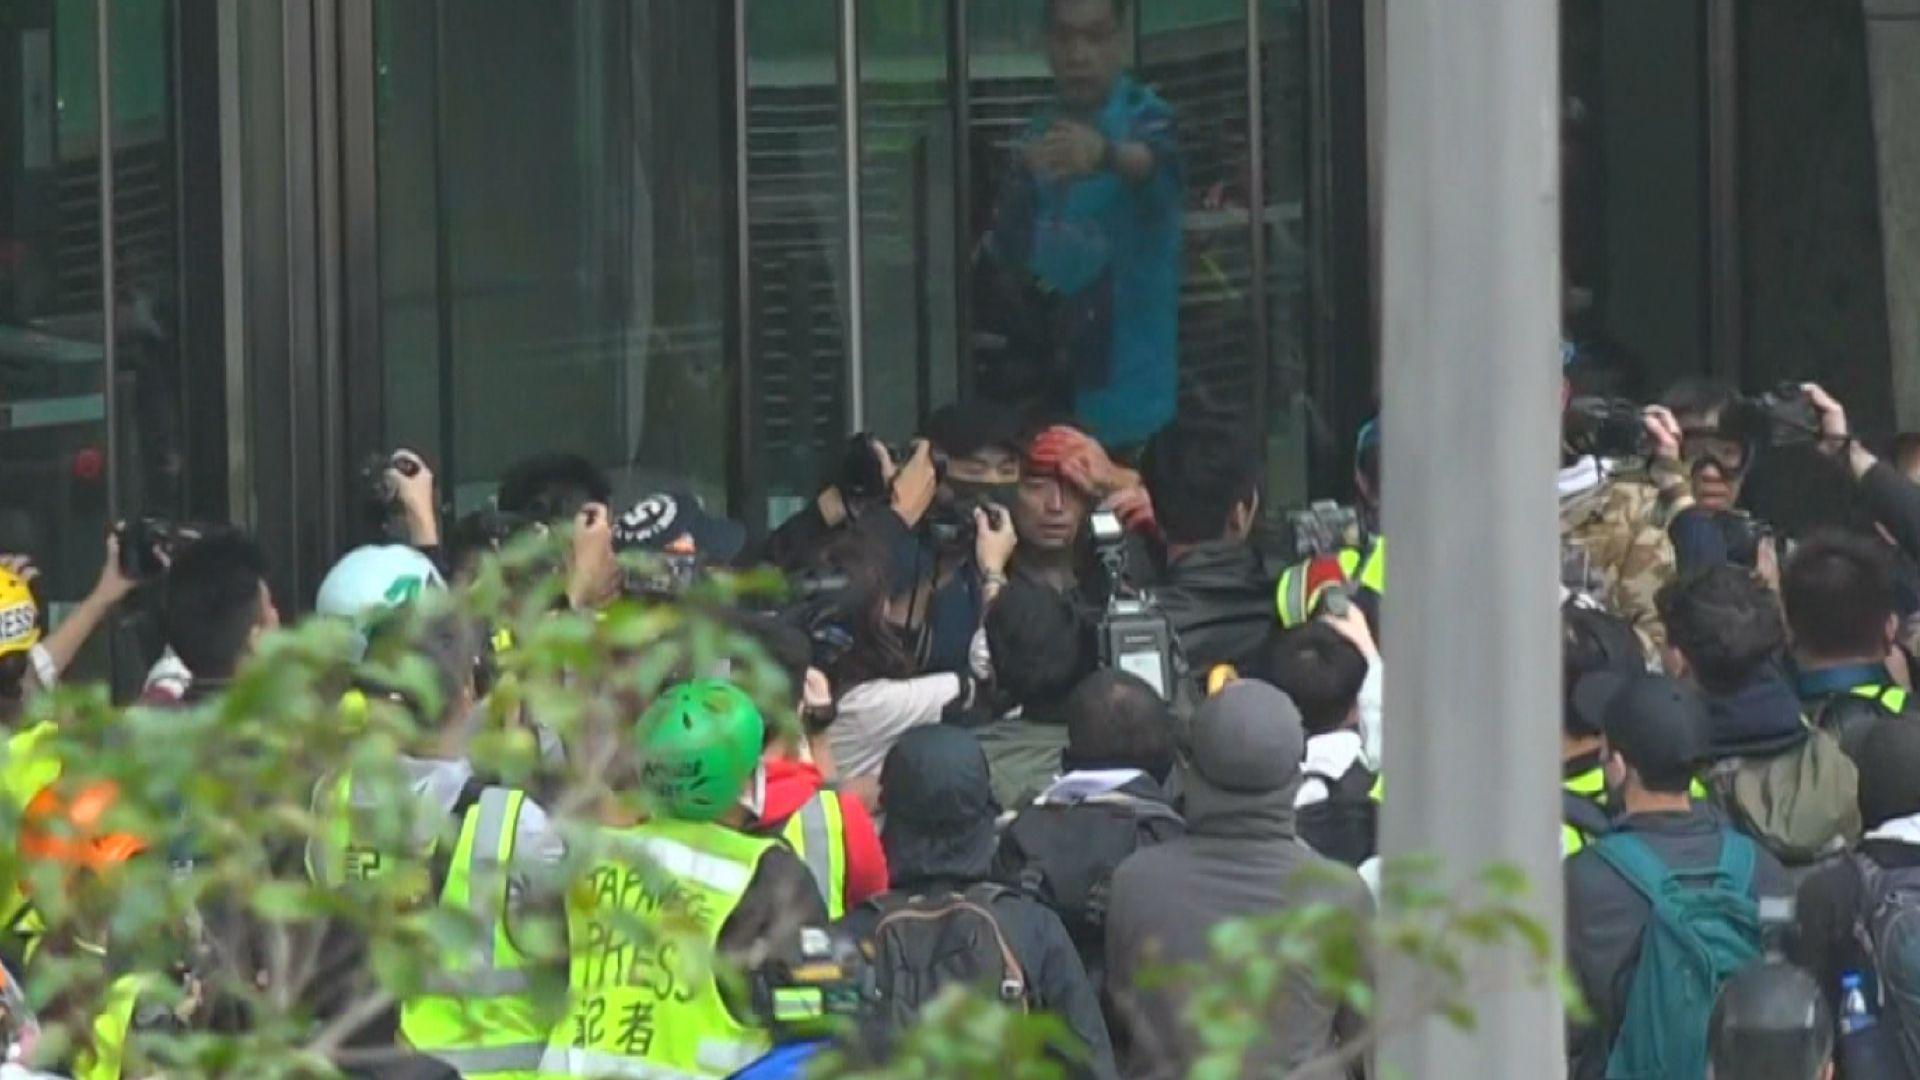 警方中環施放多枚催淚彈 遮打花園集會要中止